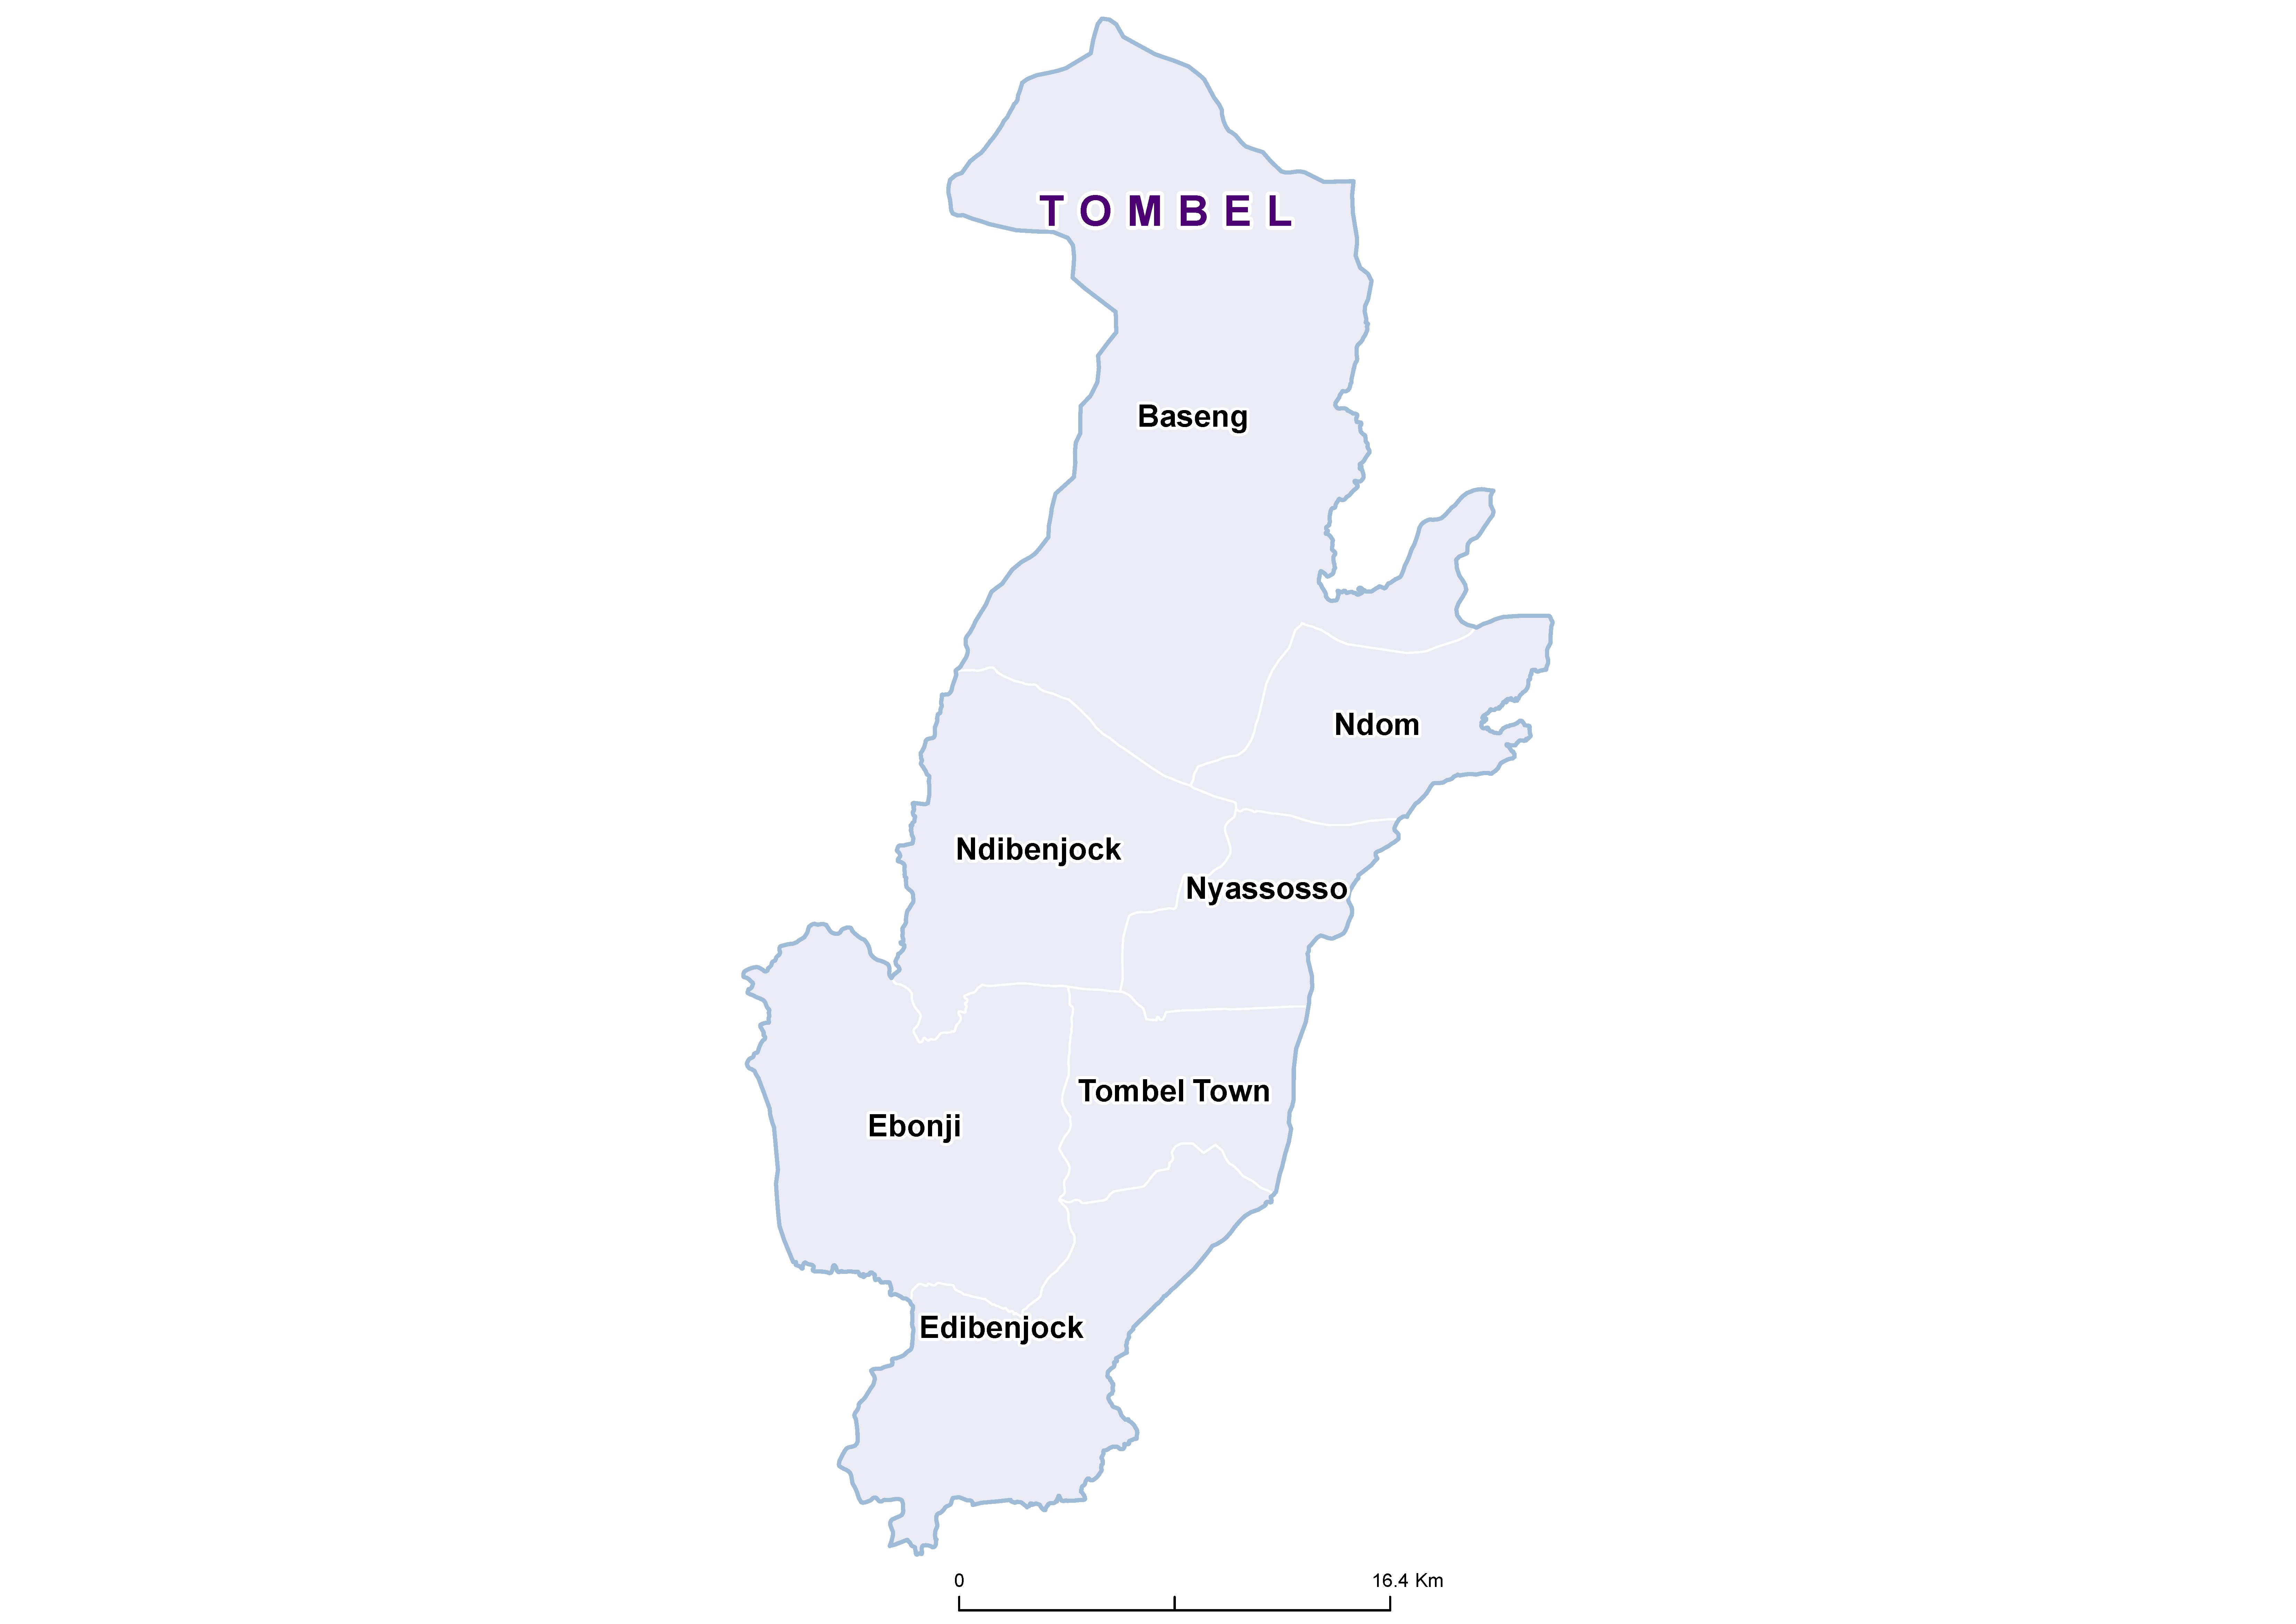 Tombel SCH 20100001